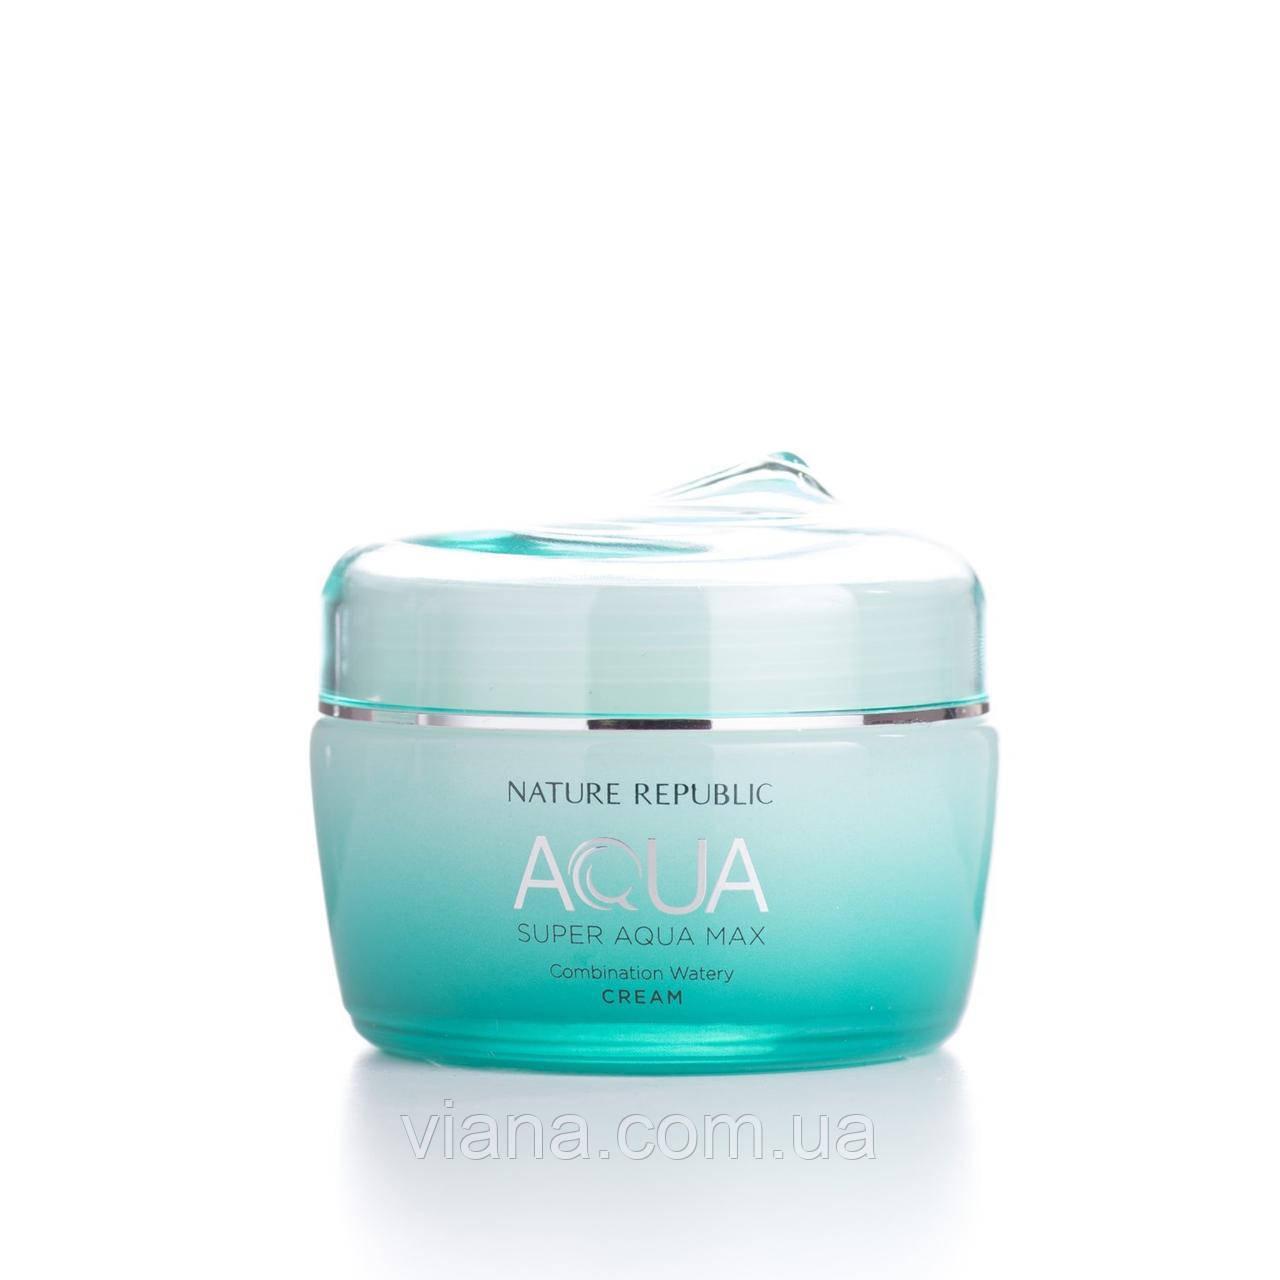 Увлажняющий крем-гель для нормальной\комбинированной кожи  Nature RepublicSuper Aqua Max Combination Watery